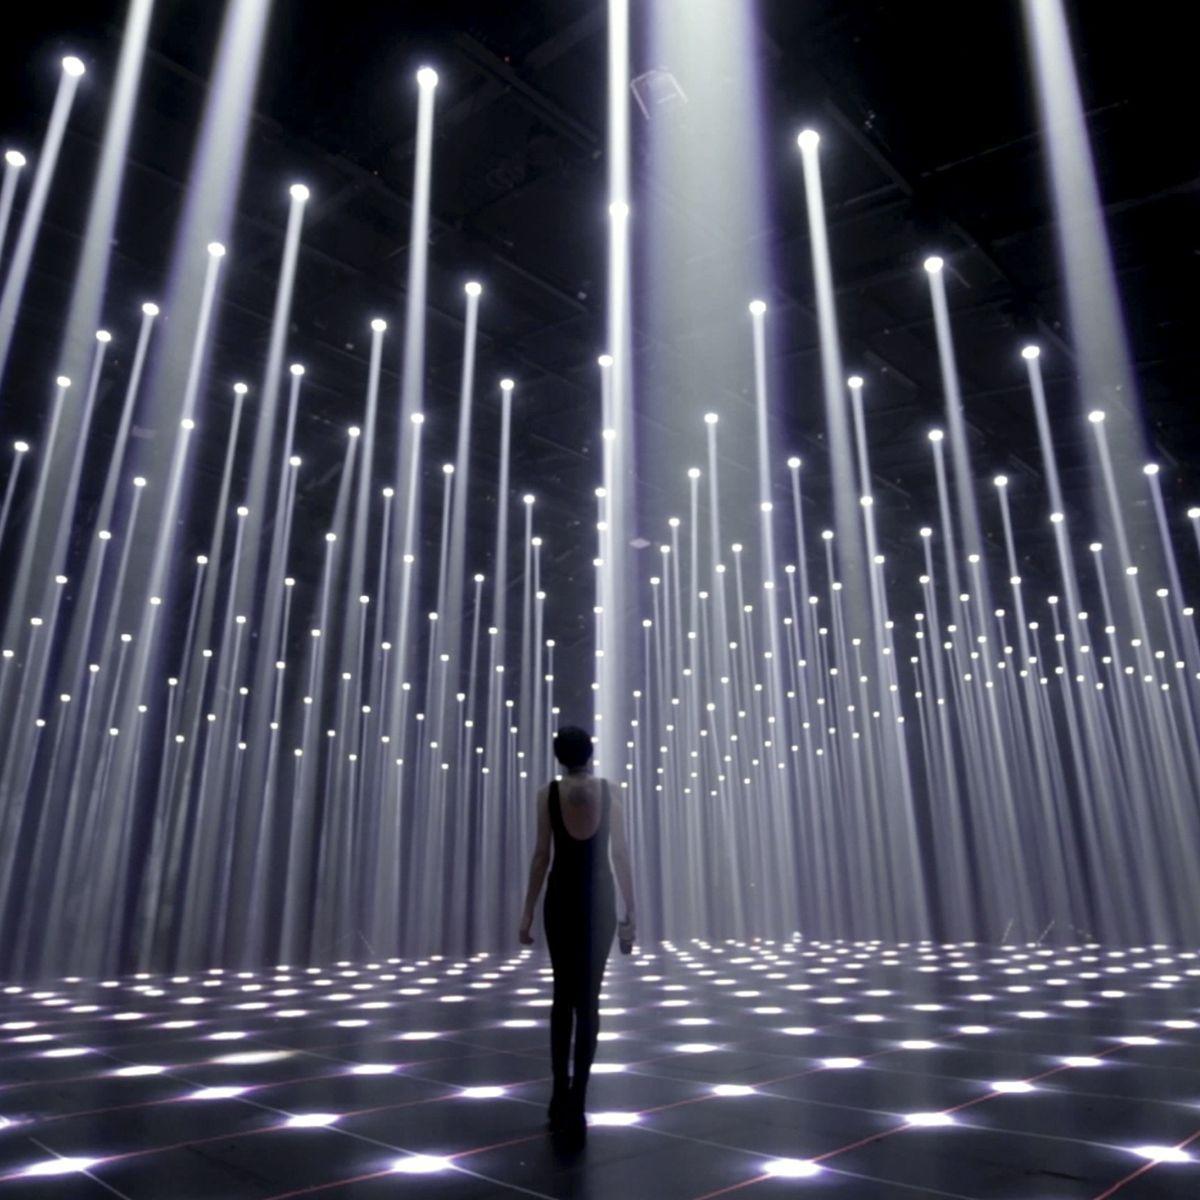 天井から降り注ぐ無数の光が音楽とシンクロするアート空間「White Canvas」 #lightartinstallation